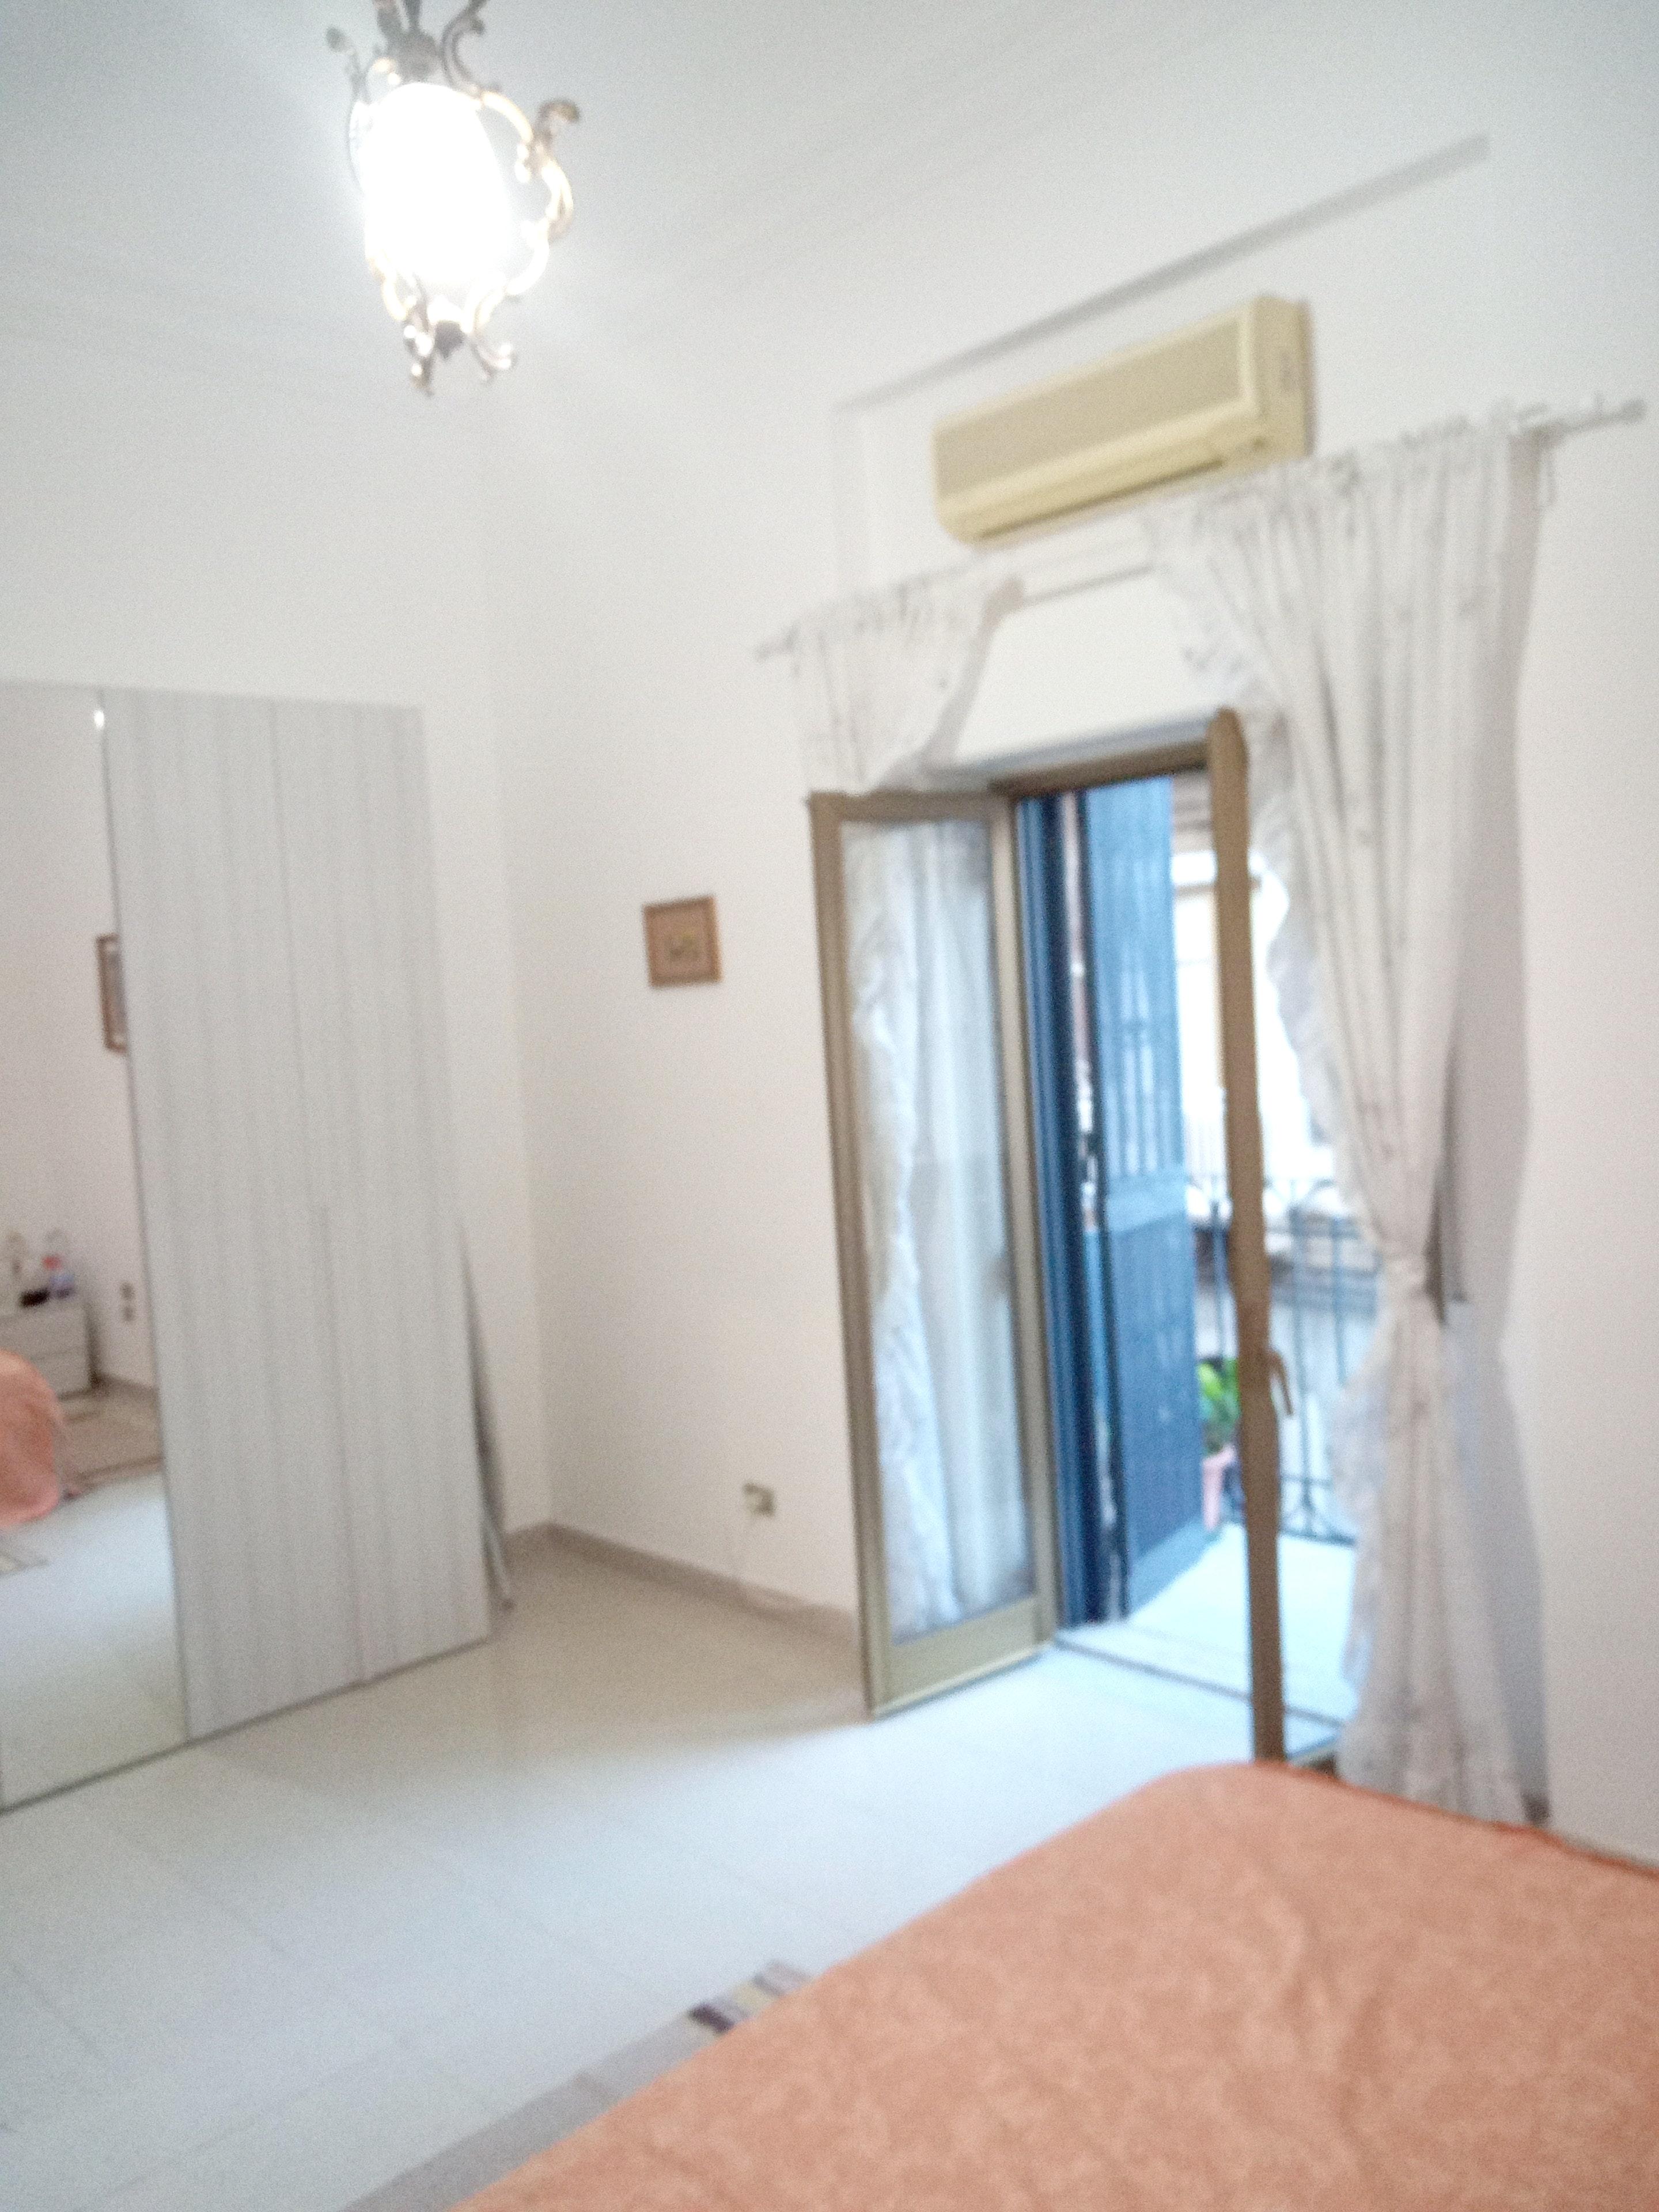 Ferienwohnung Wohnung mit 2 Schlafzimmern in Catania mit schöner Aussicht auf die Stadt, Balkon und W-LA (2807670), Catania, Catania, Sizilien, Italien, Bild 10